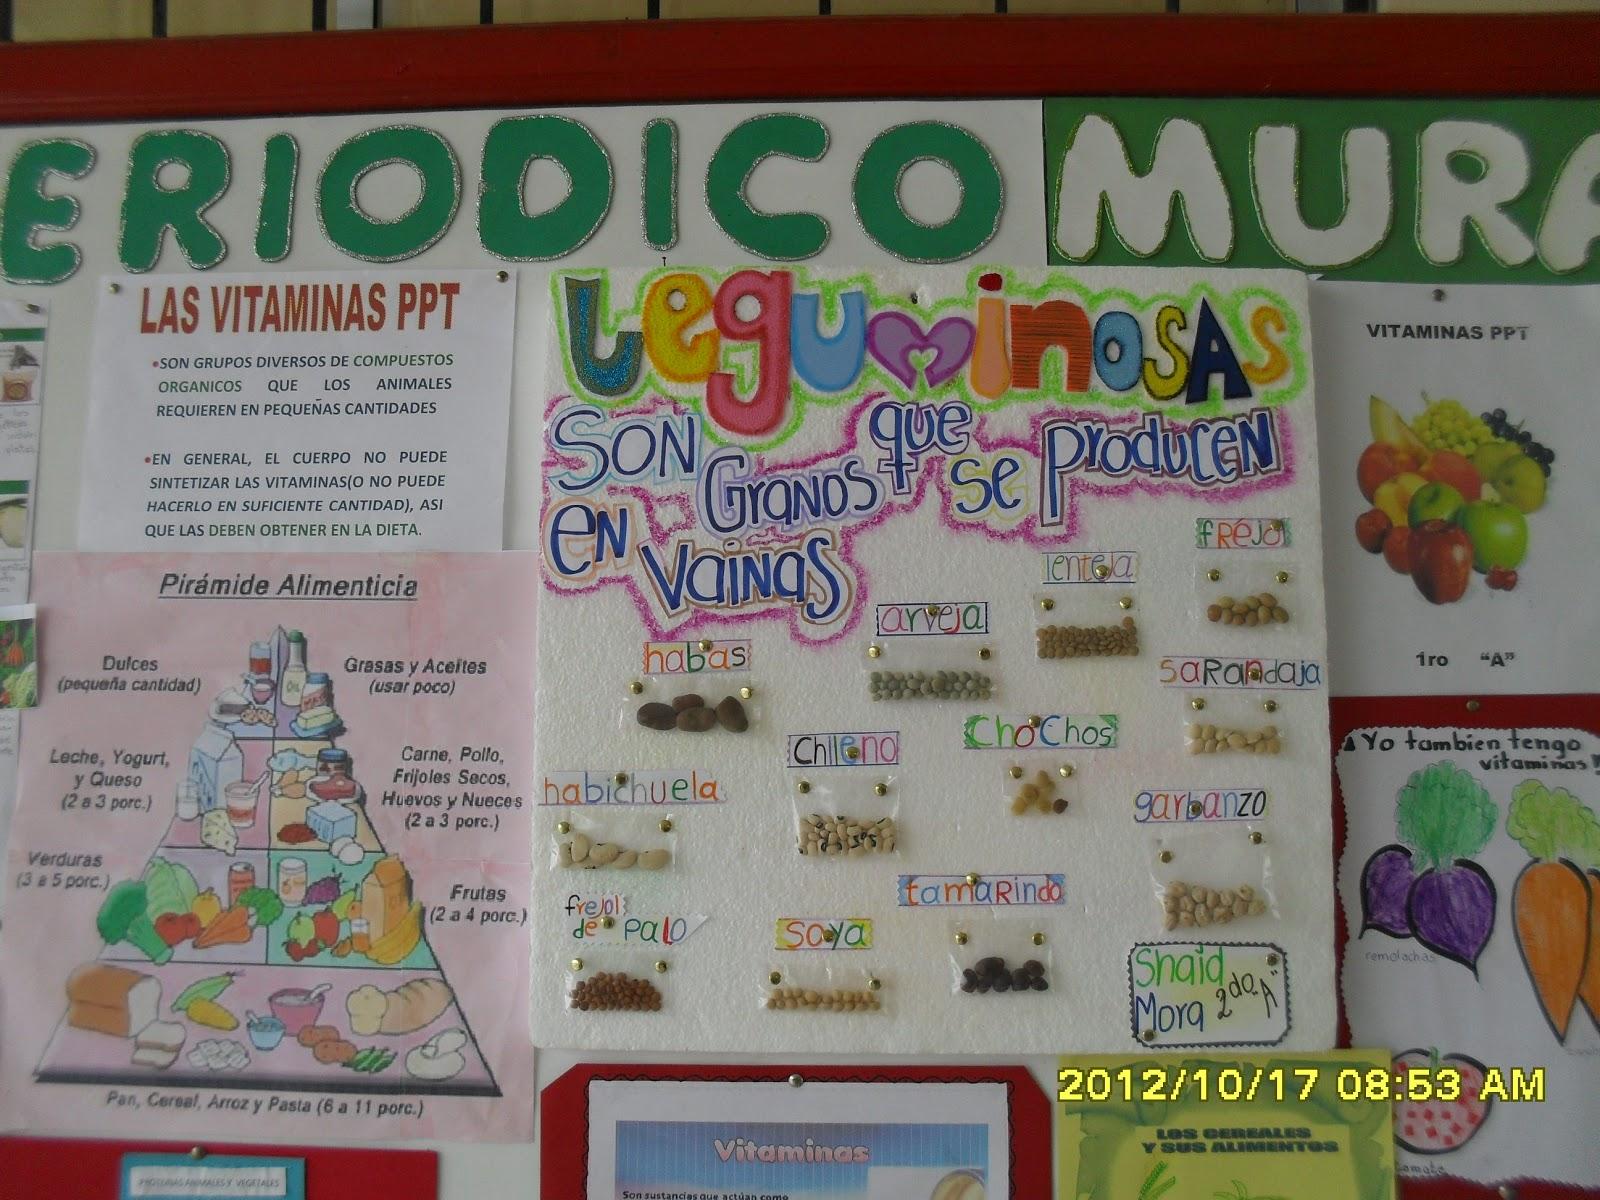 Unidad educativa ciudad de caracas semana de la salud y for Avisos de ocasion el mural